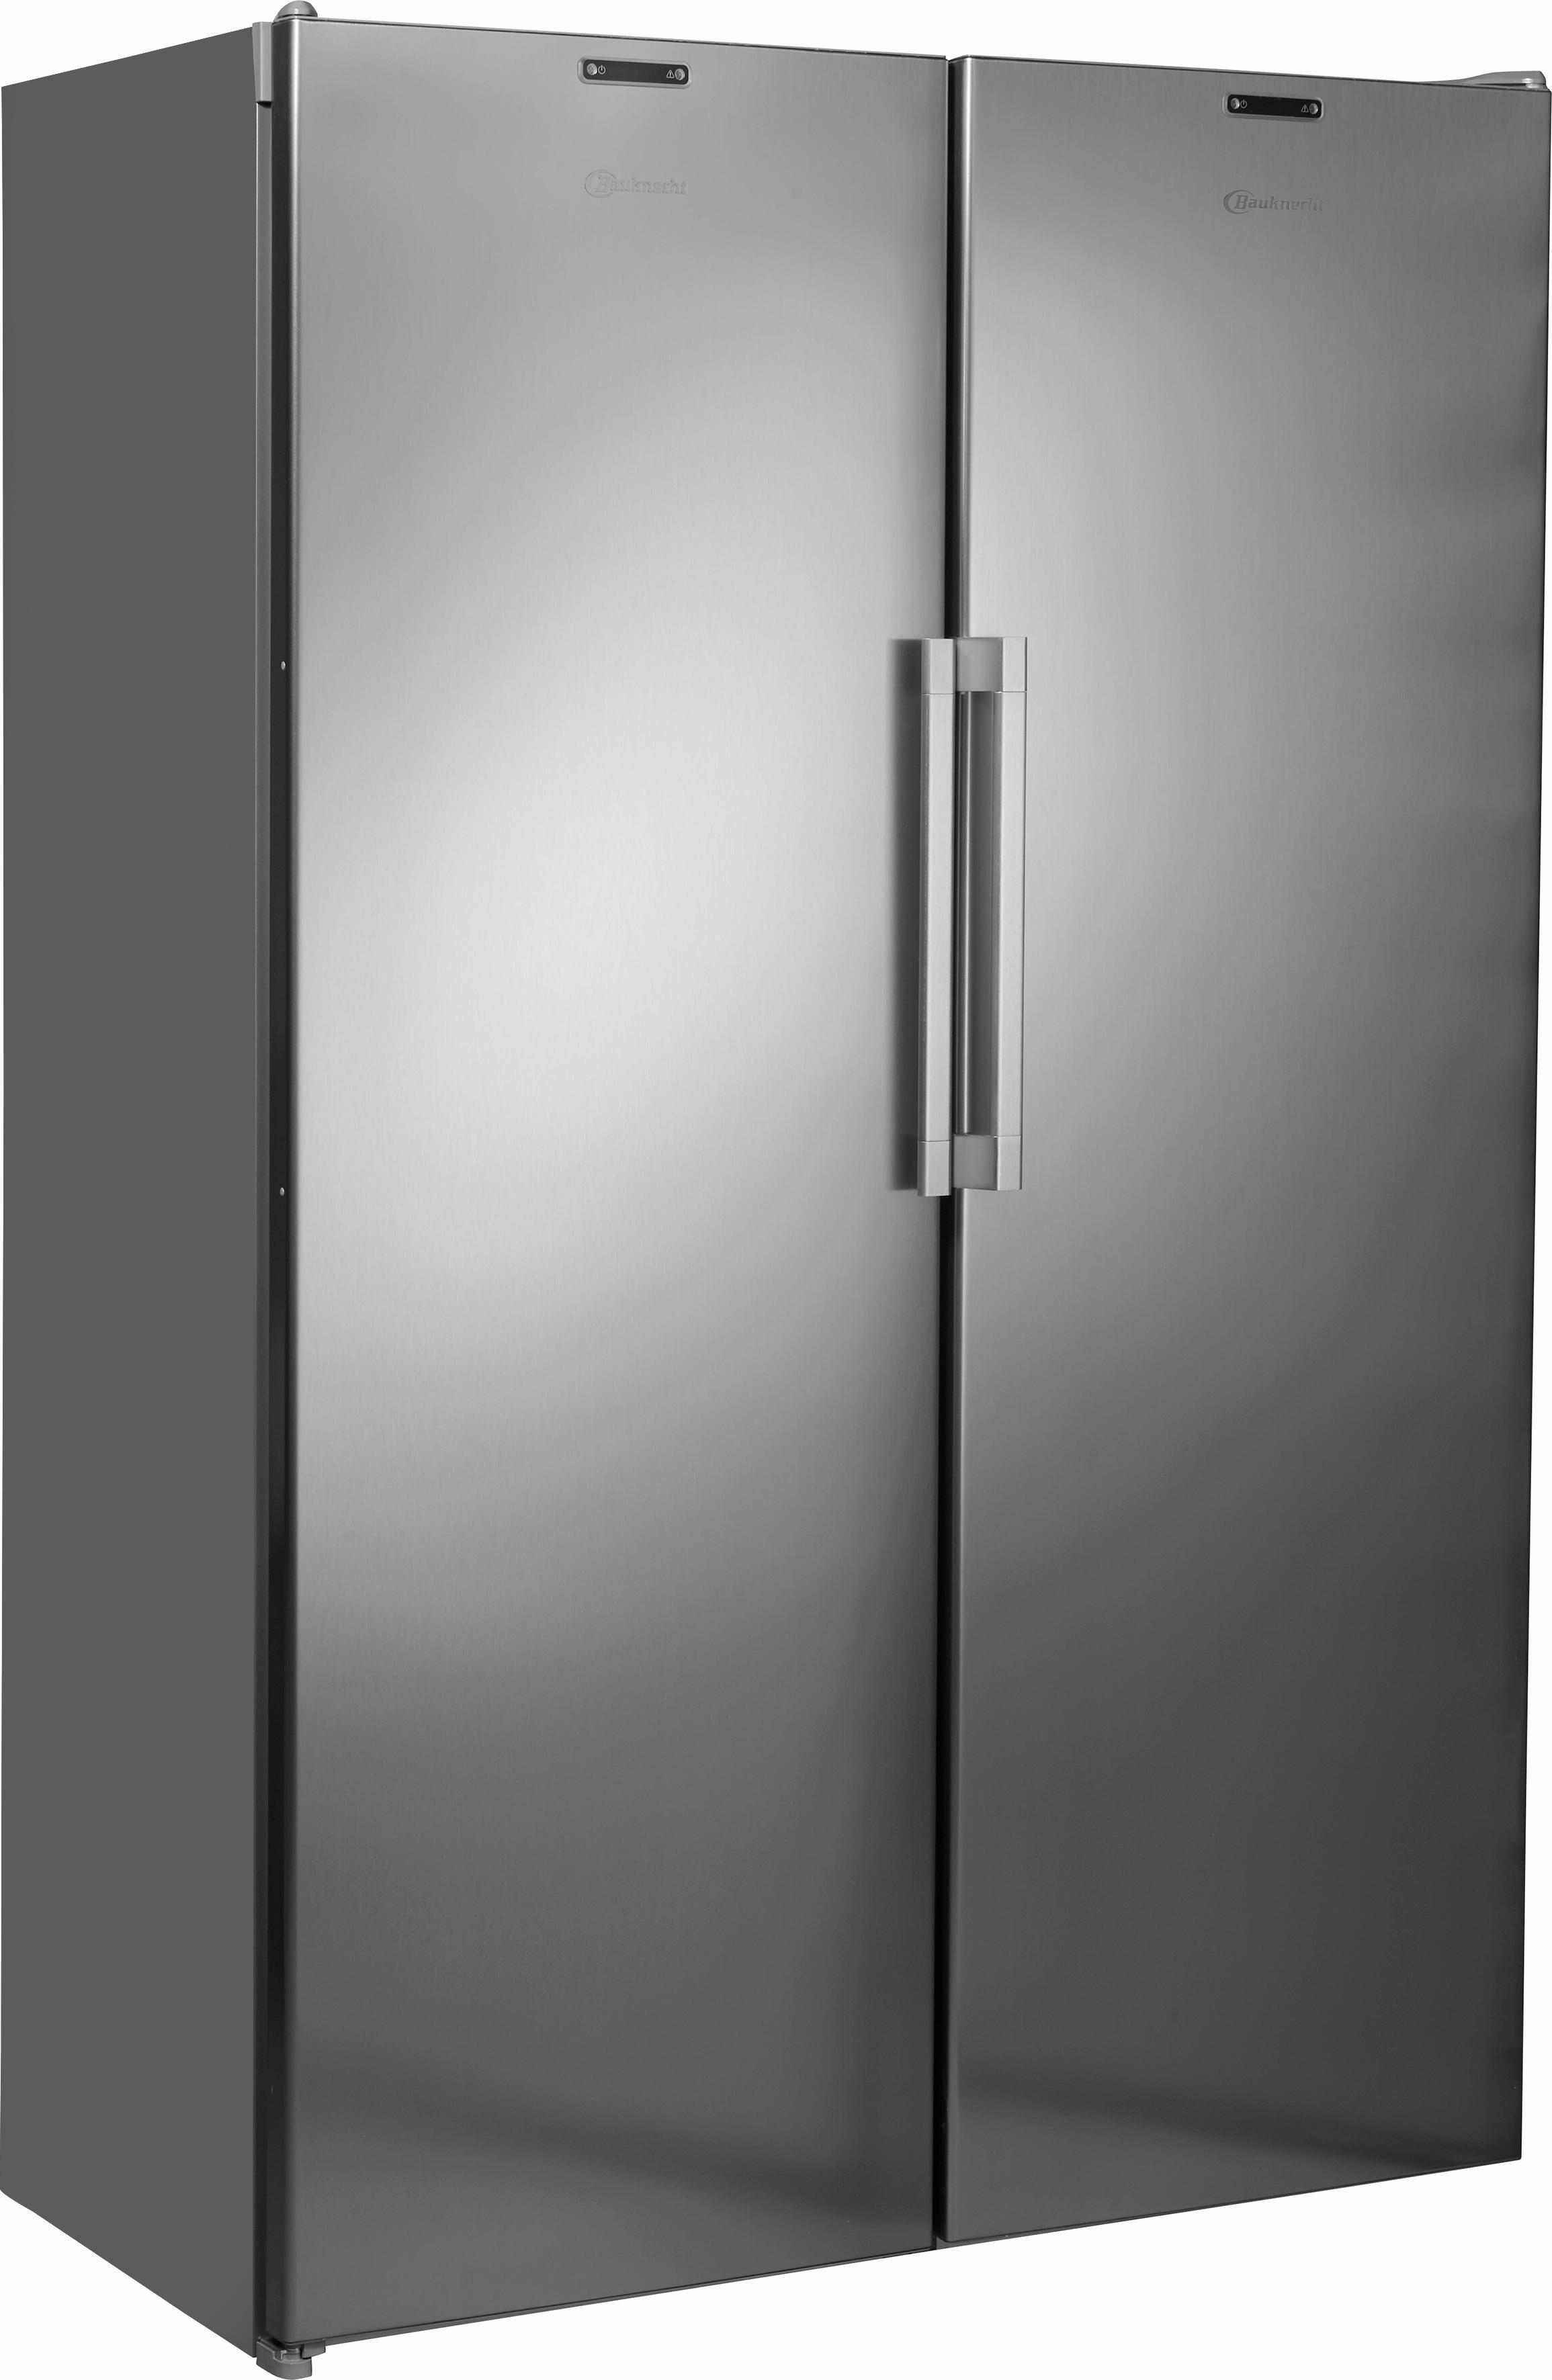 Bauknecht side-by-side-koelkast, 187,5 cm hoog, 120 cm breed online kopen op otto.nl